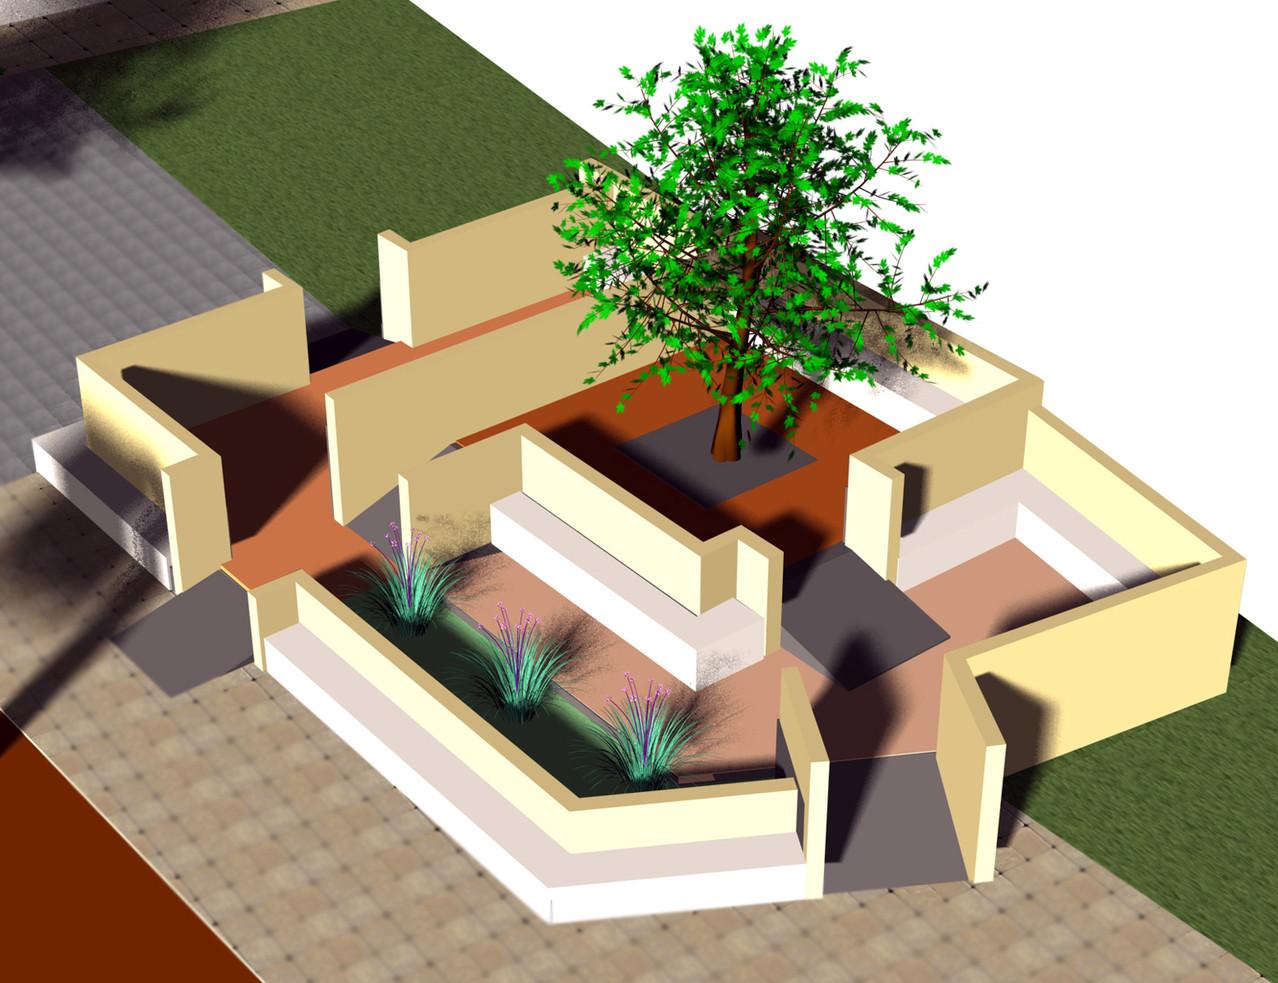 Modèle de salle de classe en plein air. École primaire